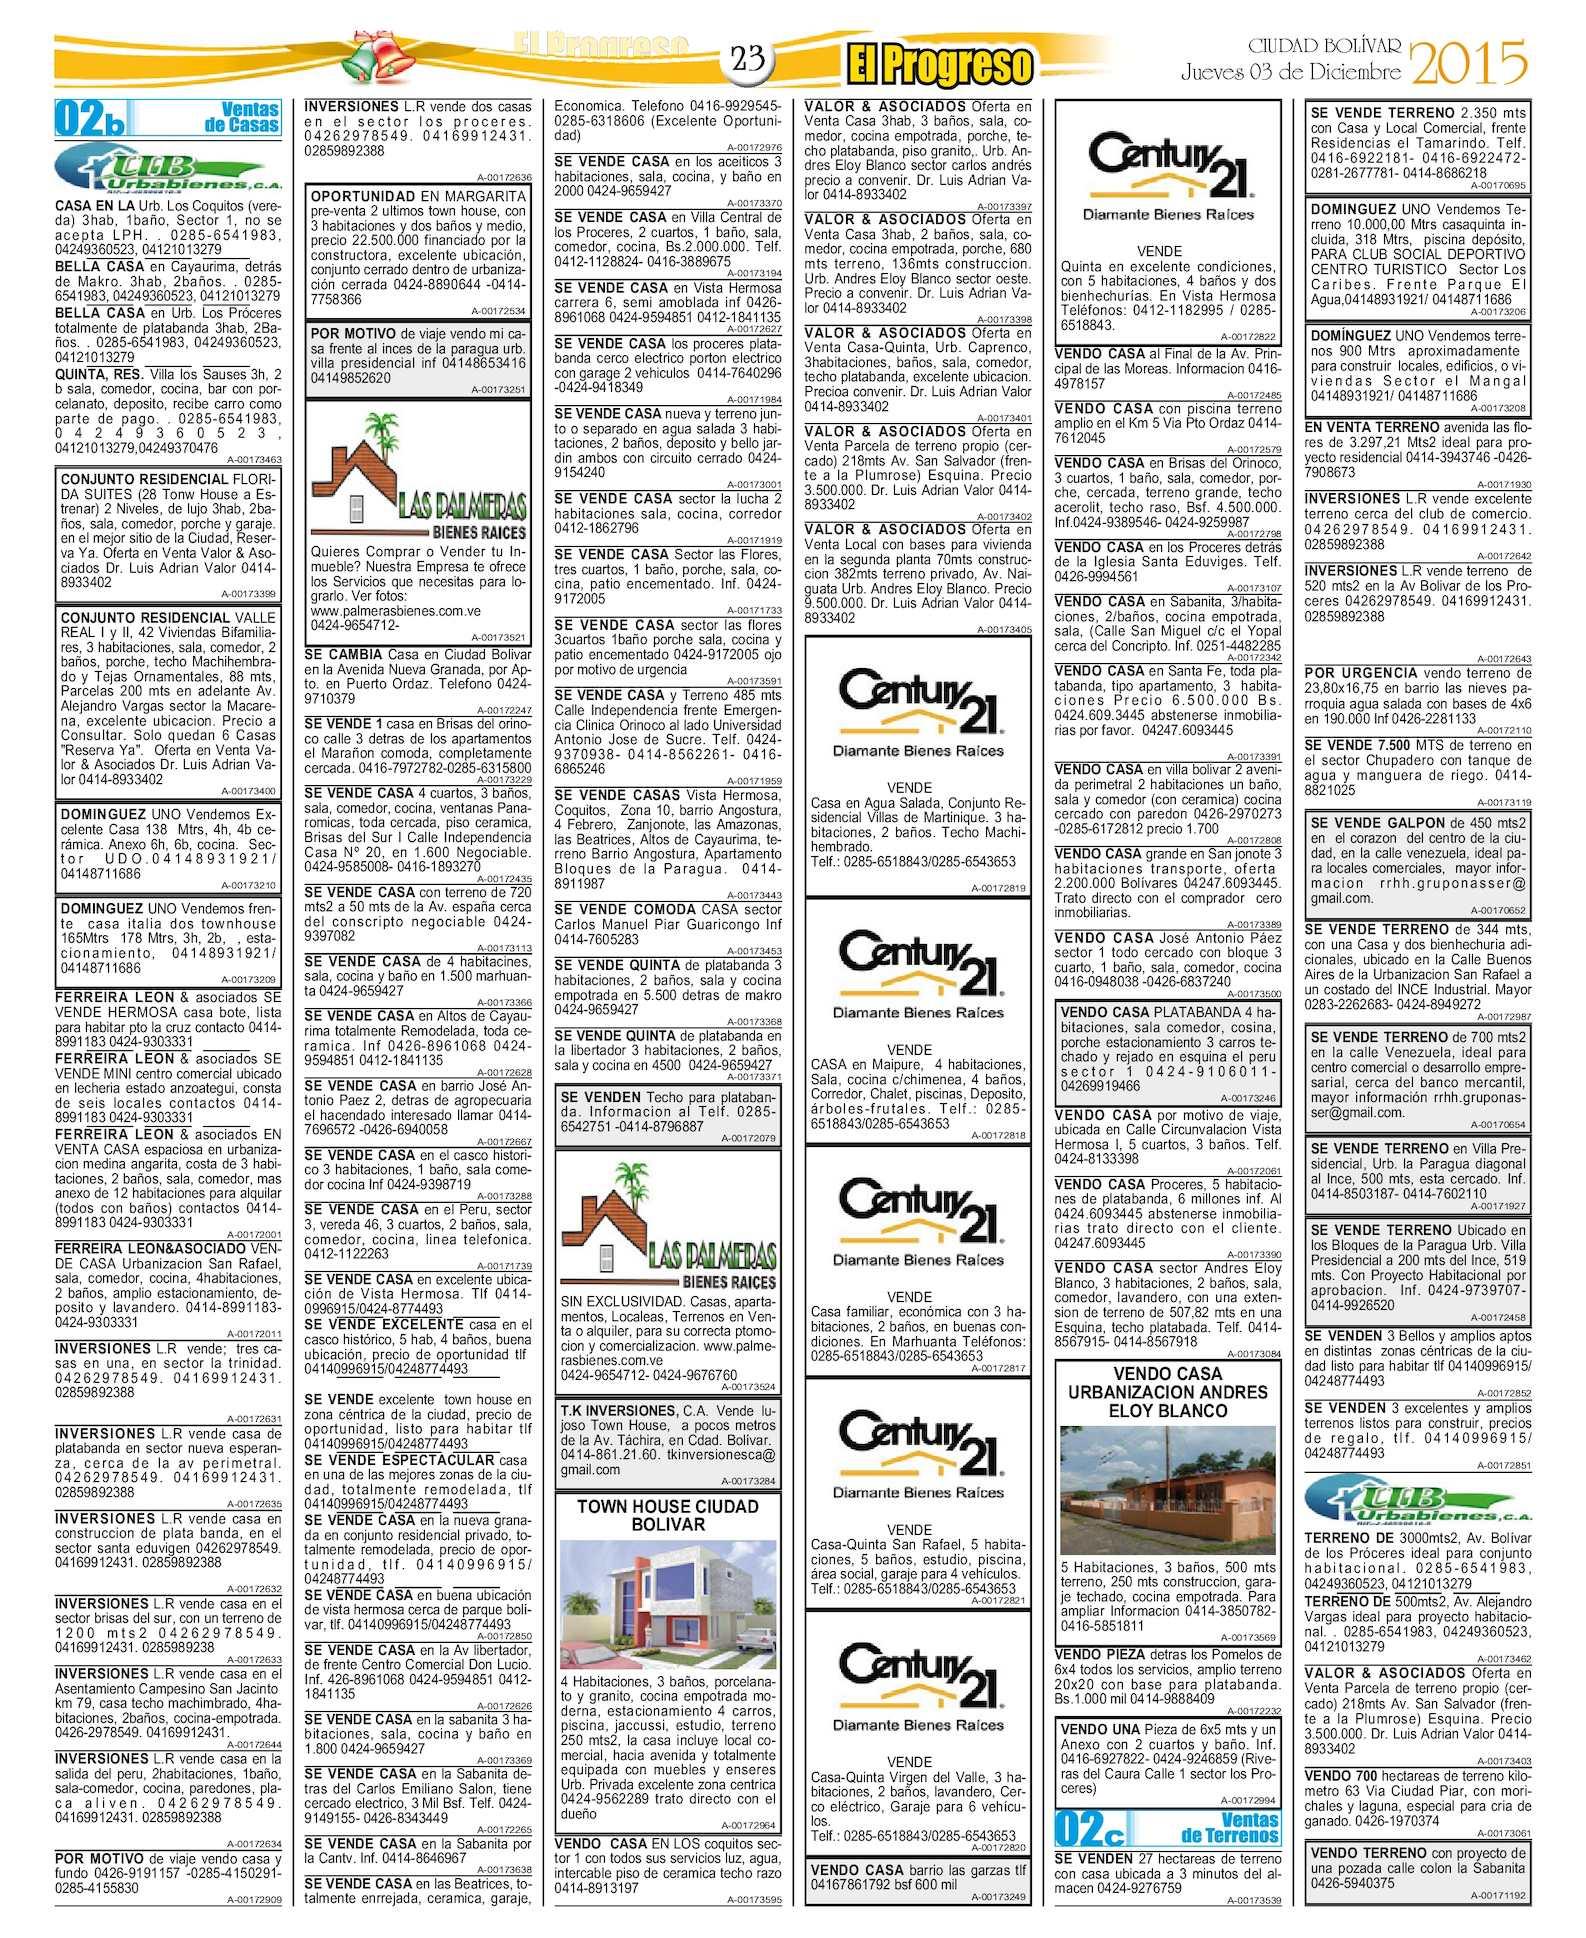 Diarioelprogresoedici Ndigital 03 12 2015 Calameo Downloader # Muebles Zona Franca